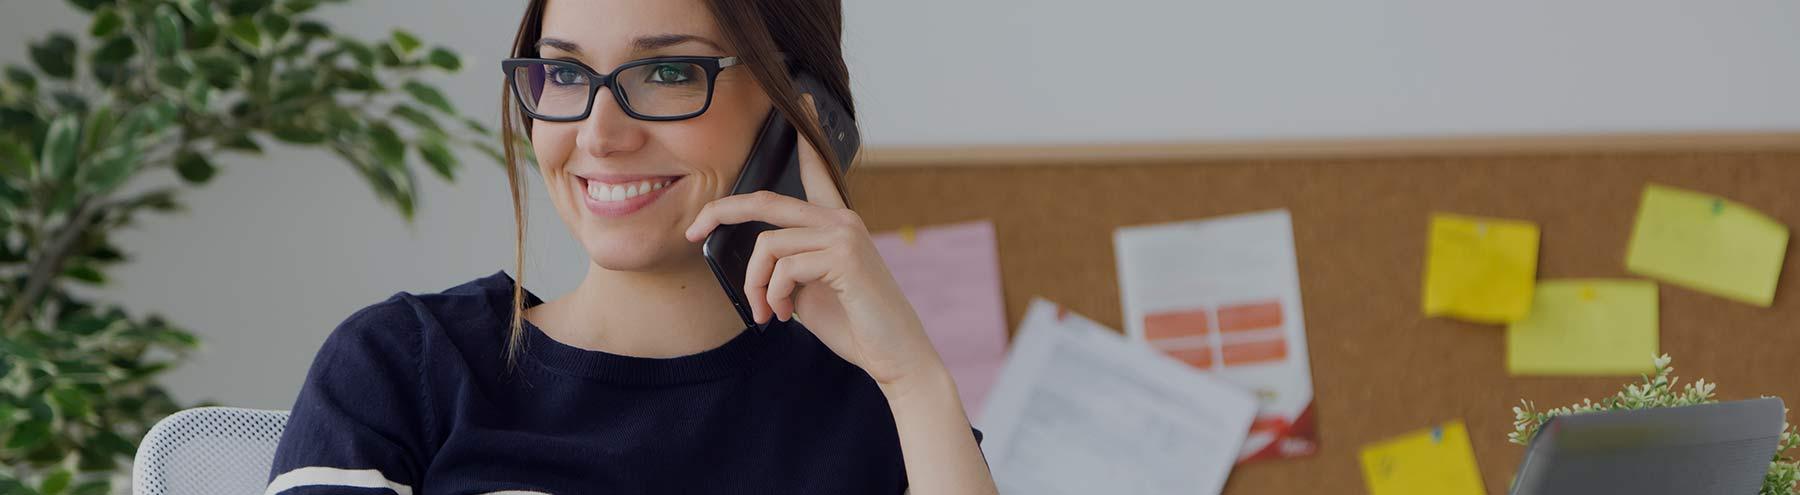 נשים בעלות עסקים, זה הזמן לצעוד קדימה